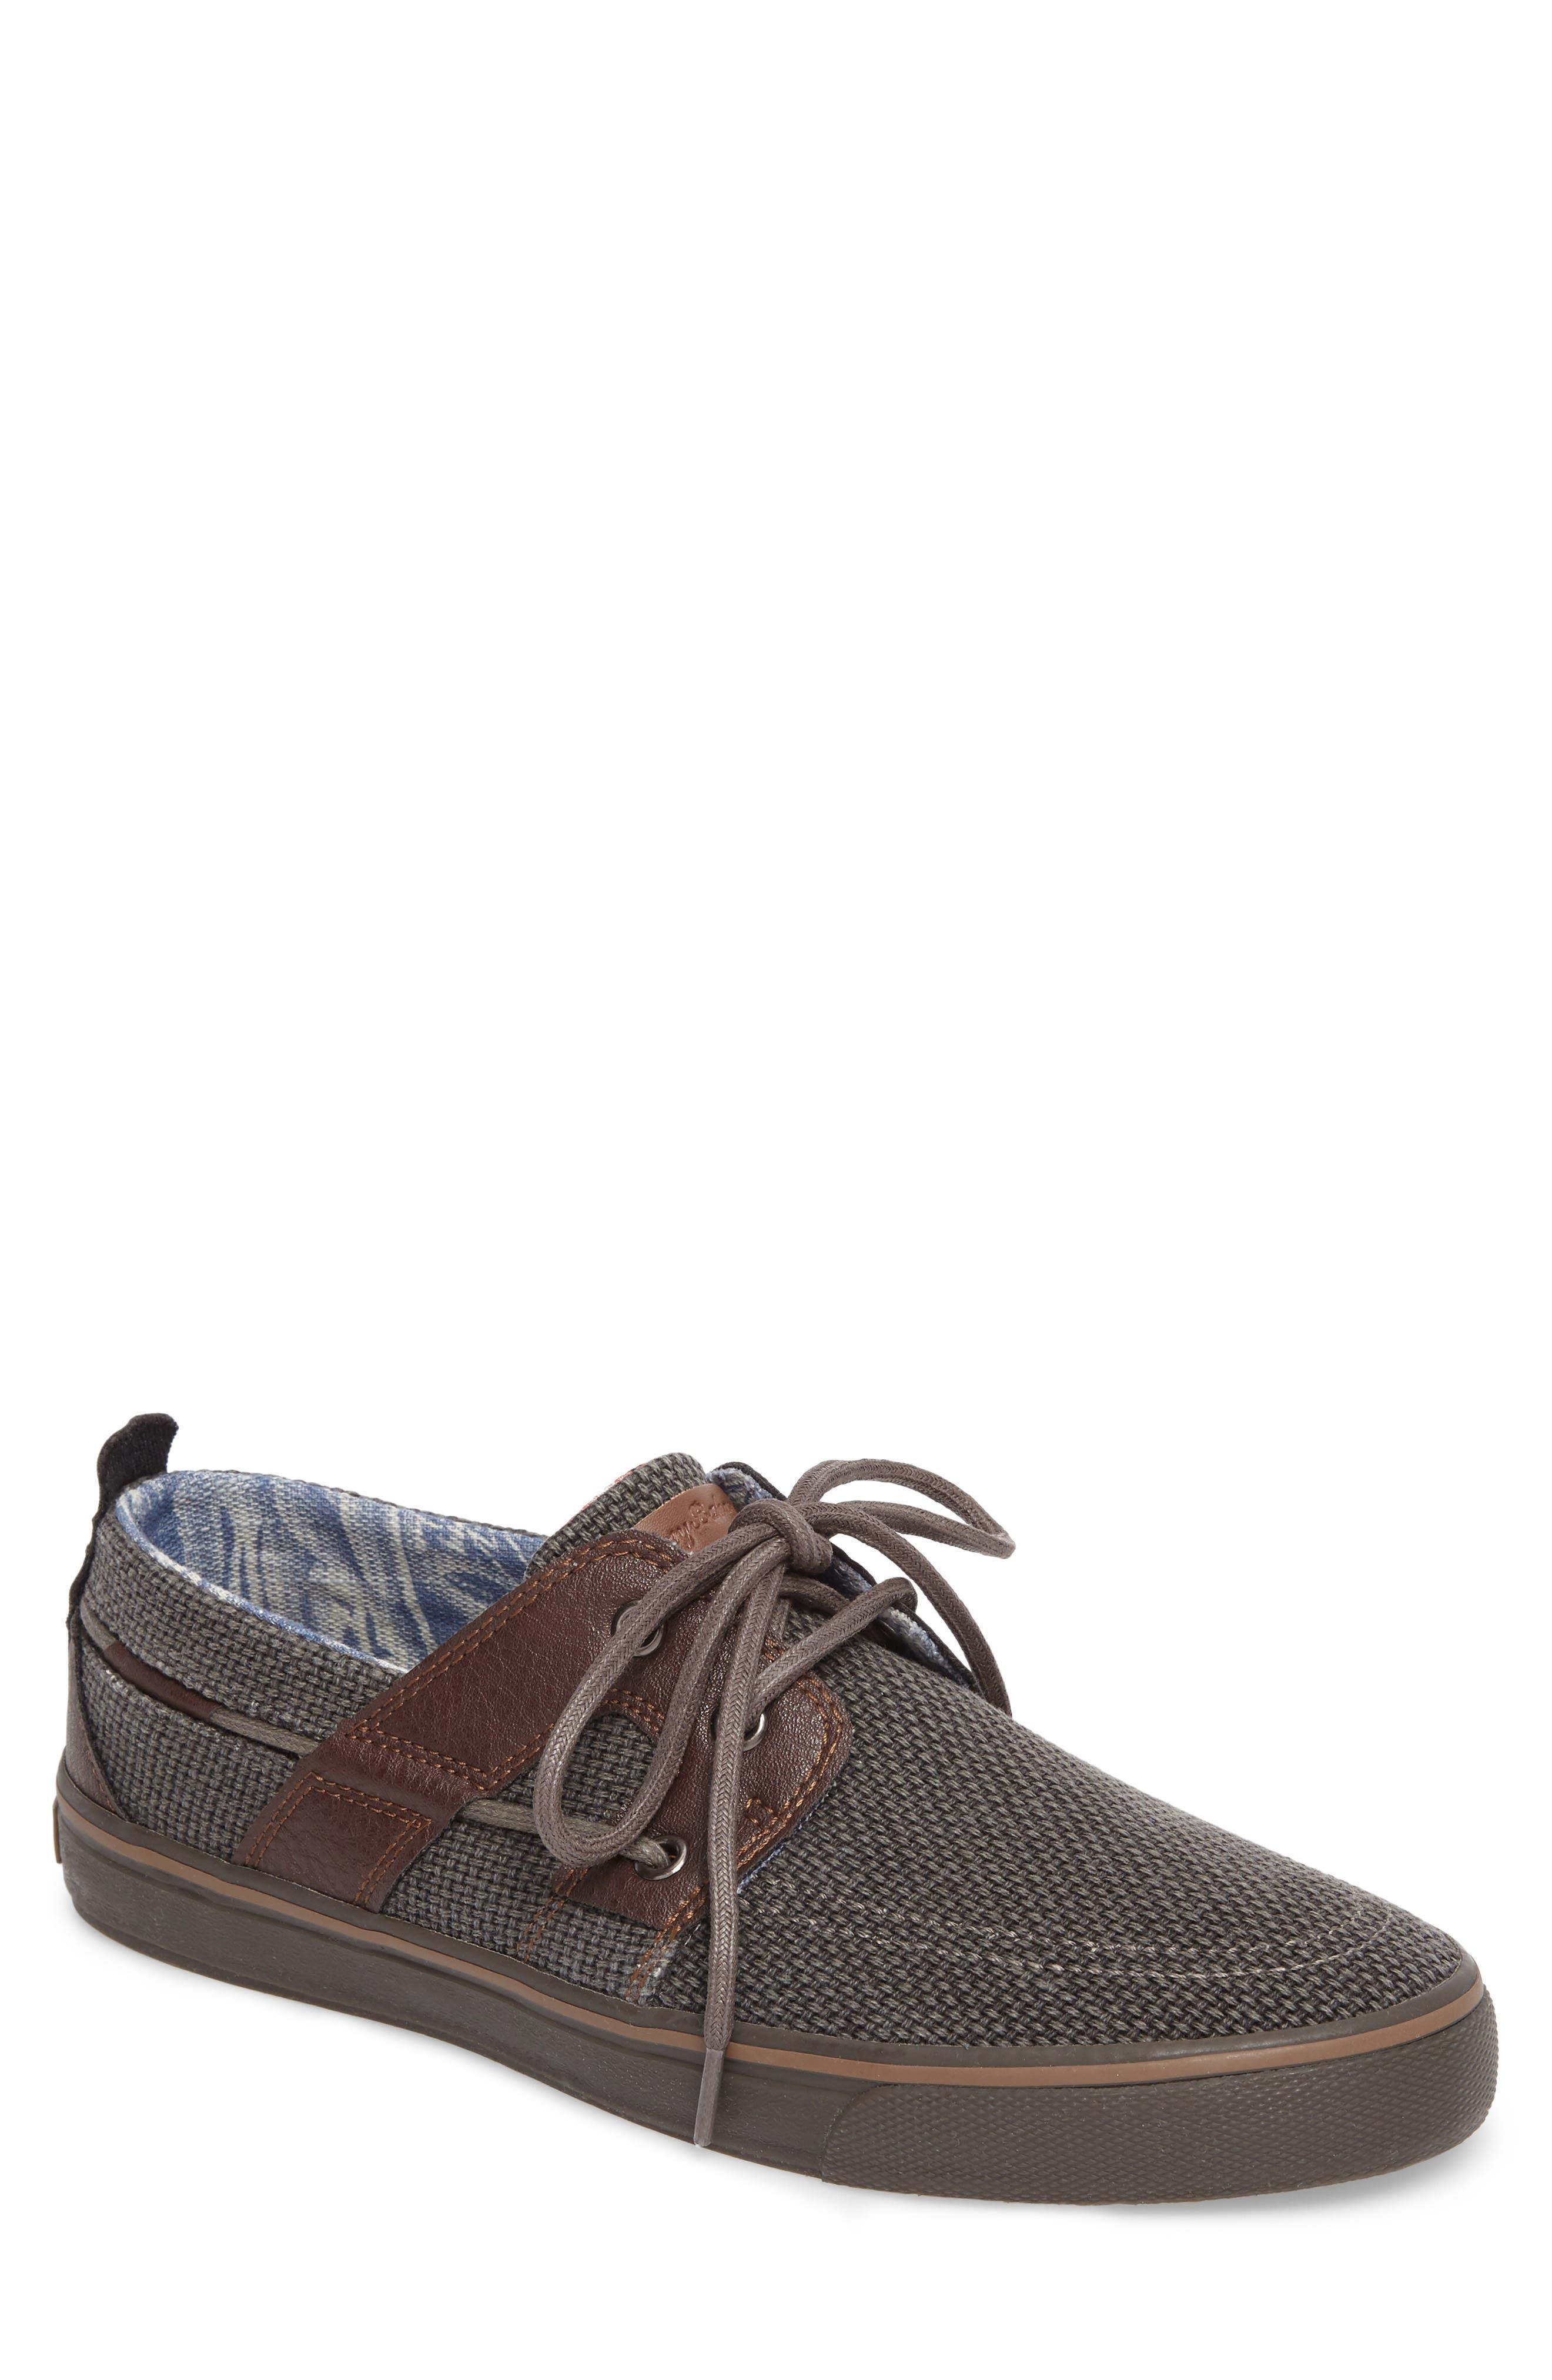 Stripe Breaker Sneaker,                         Main,                         color, Dark Grey/ Dark Brown